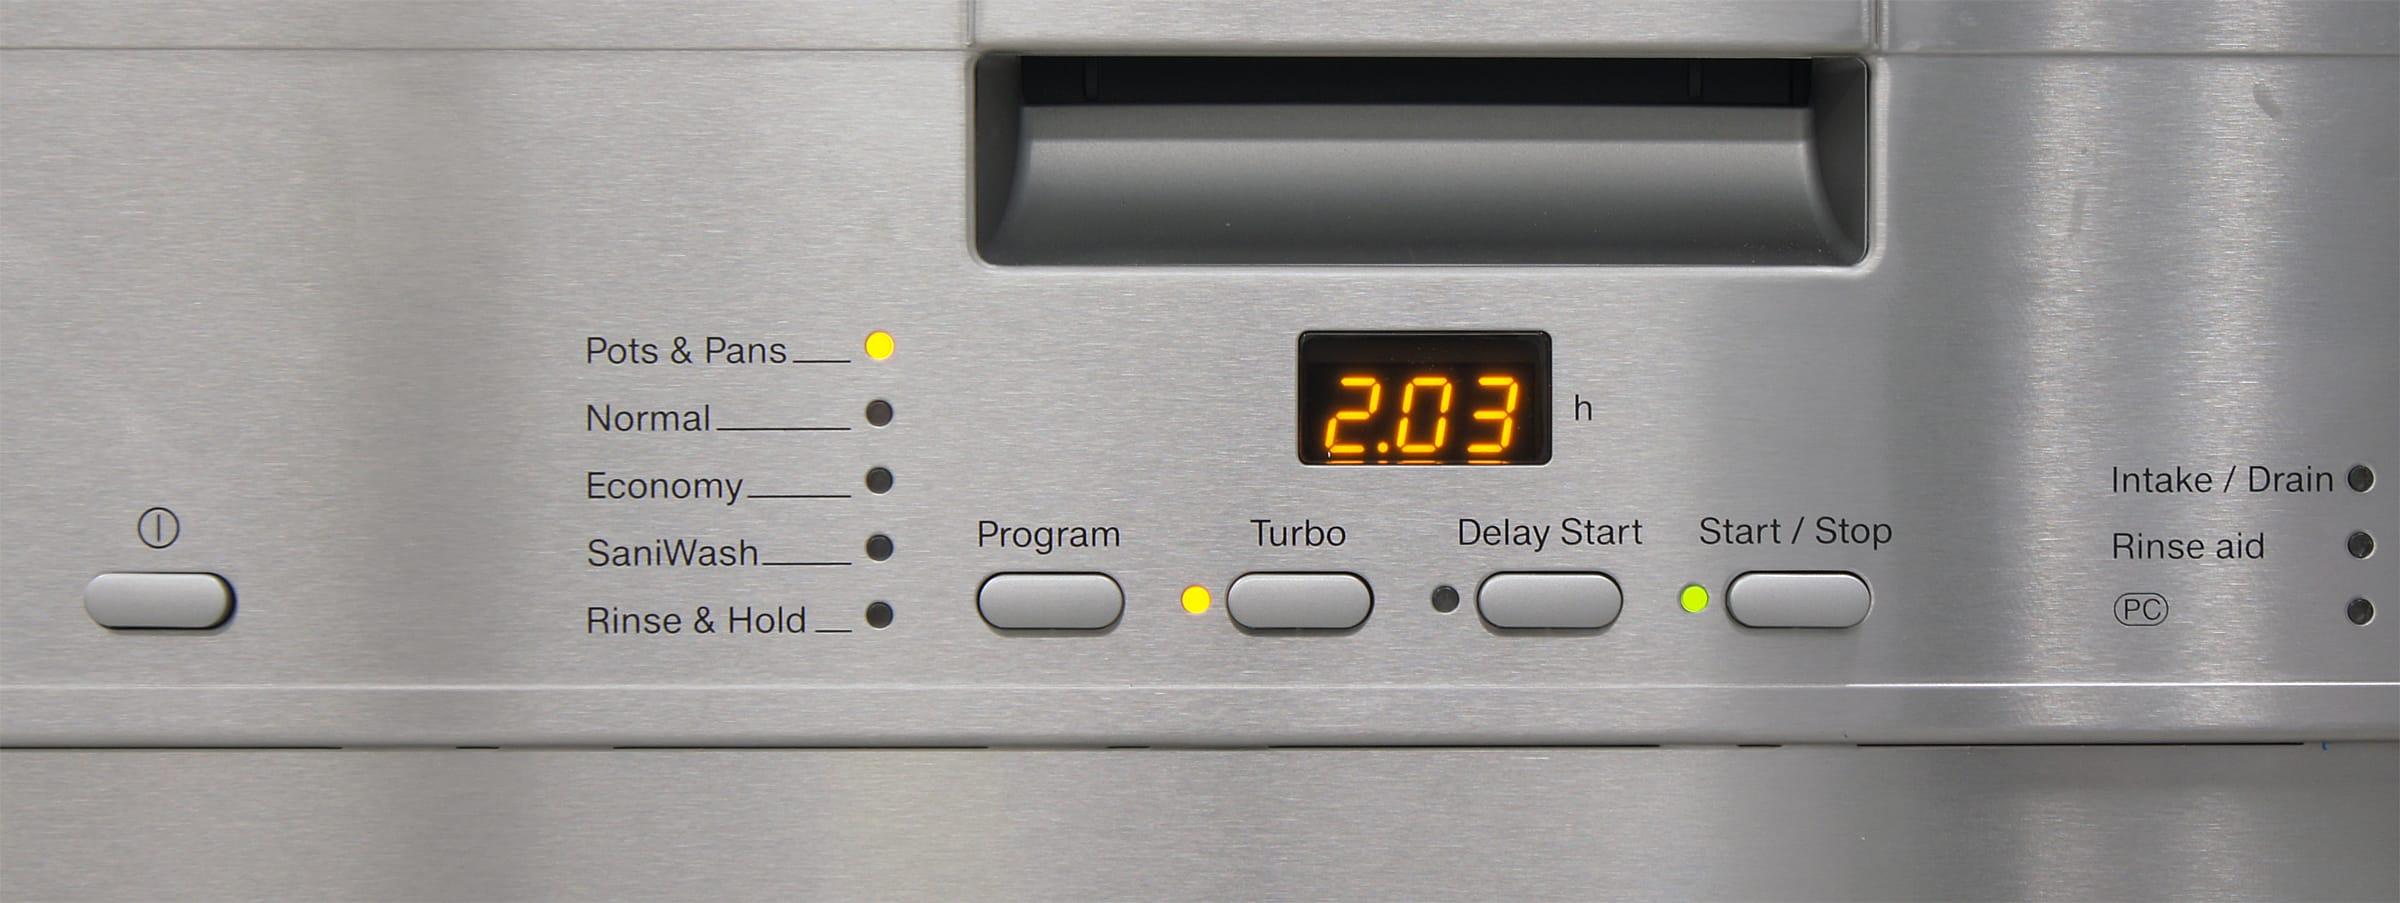 Miele G4225SCU controls